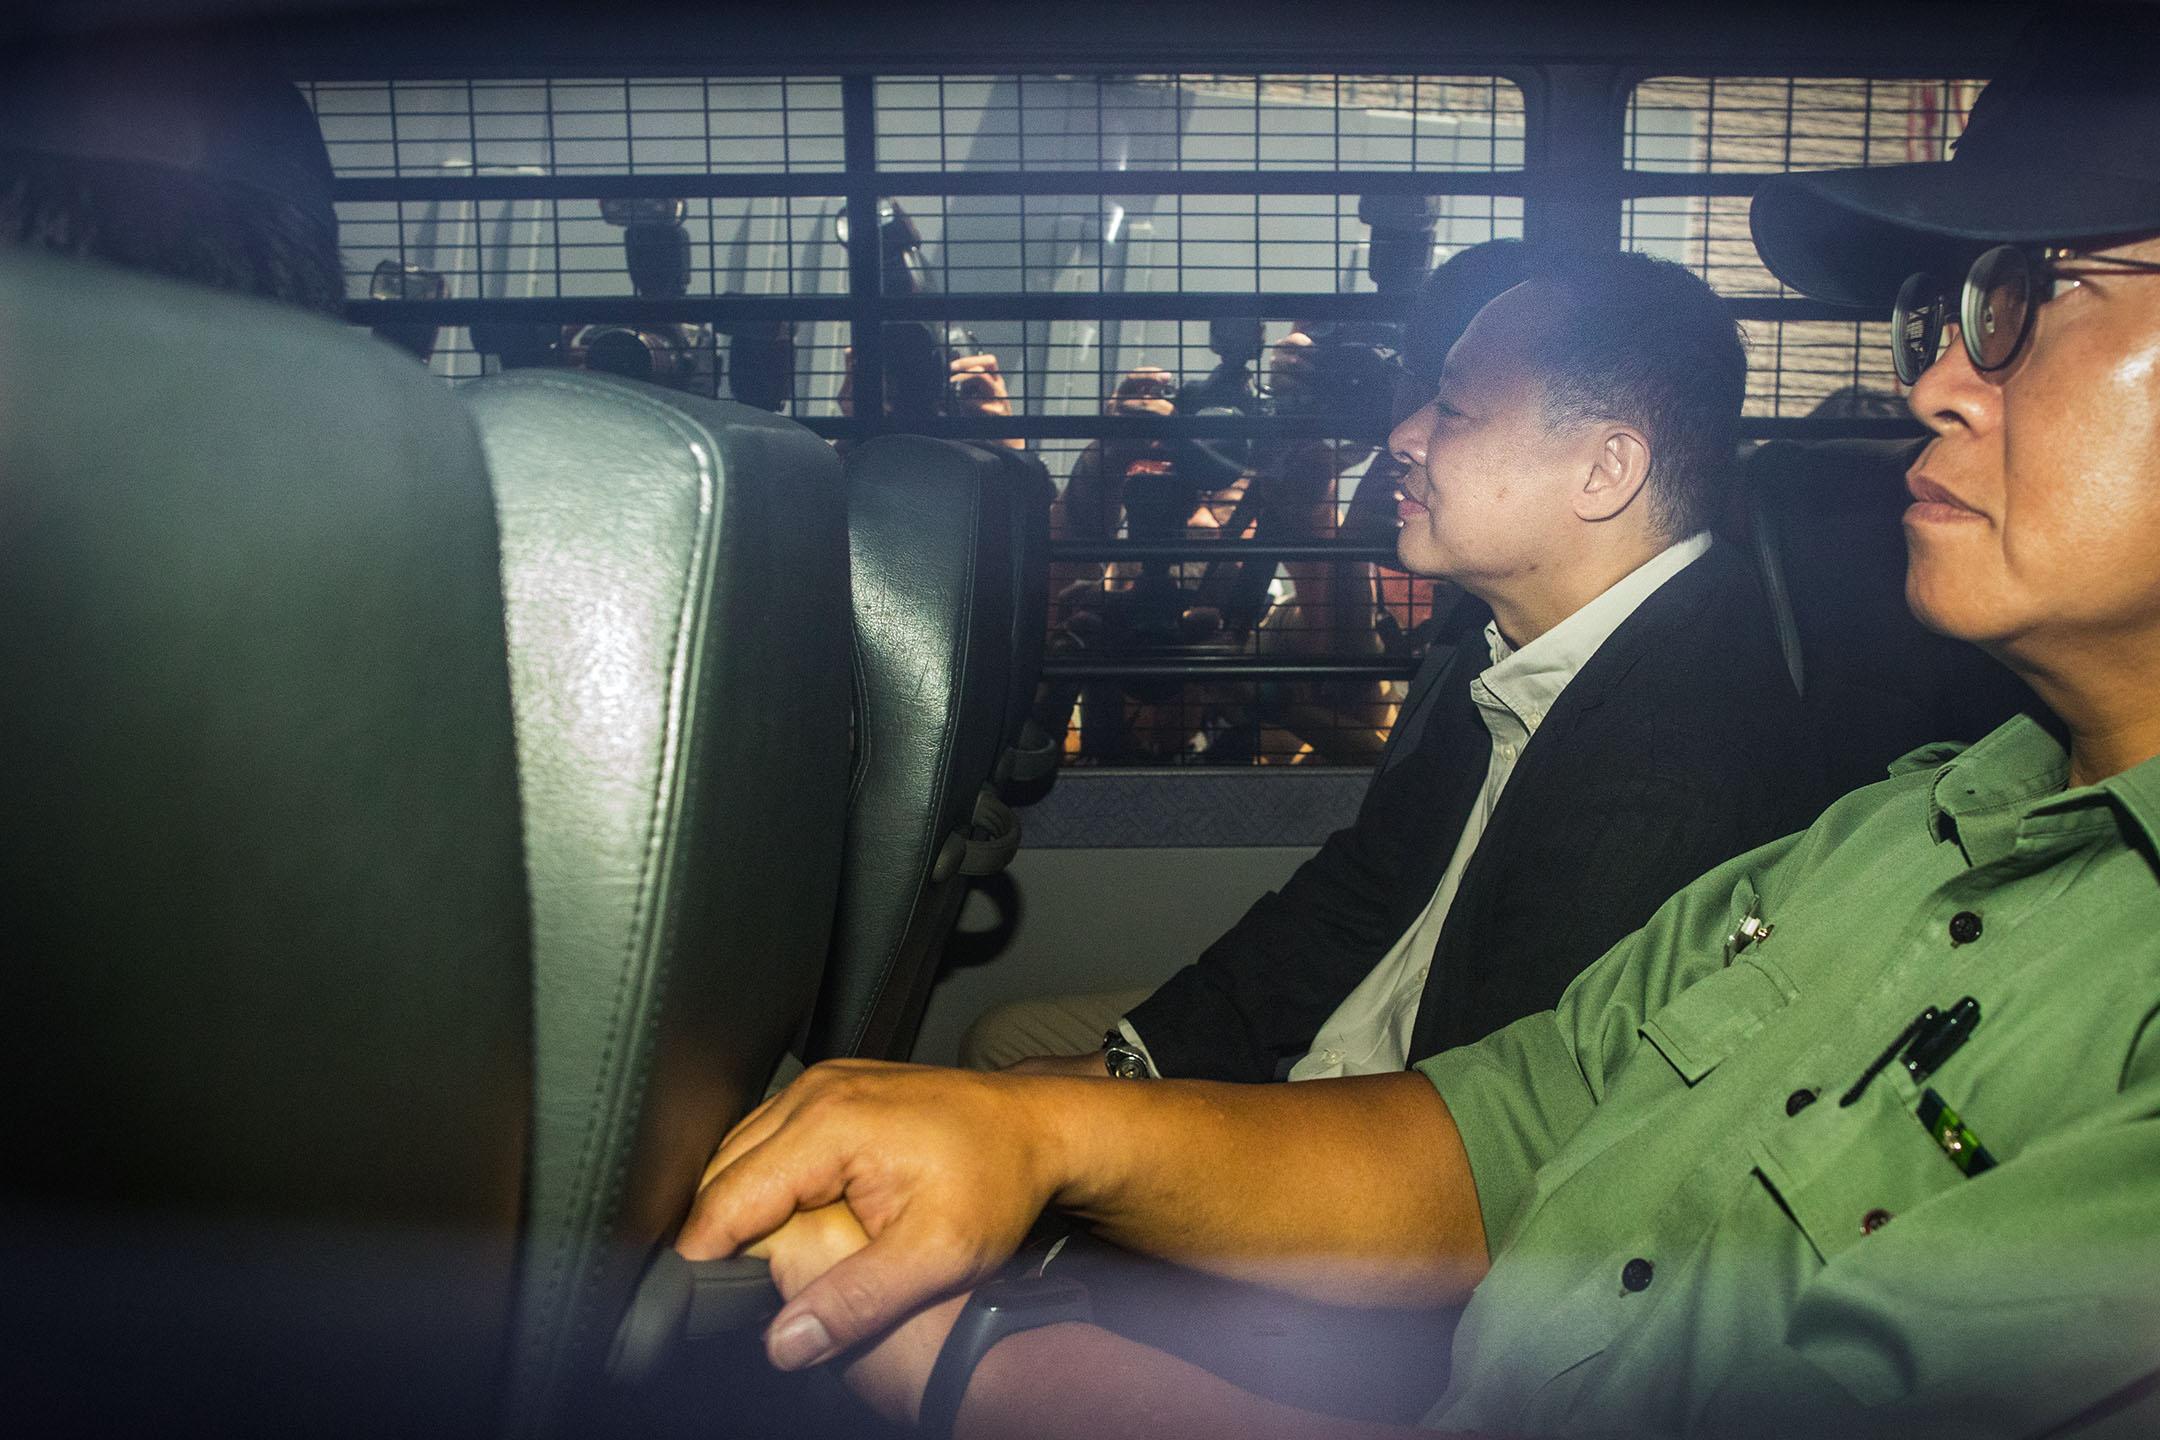 2019年4月24日,戴耀廷、陳健民、邵家臻、黃浩銘即時入獄,由囚車送往荔枝角懲教所。 攝:陳焯煇/端傳媒